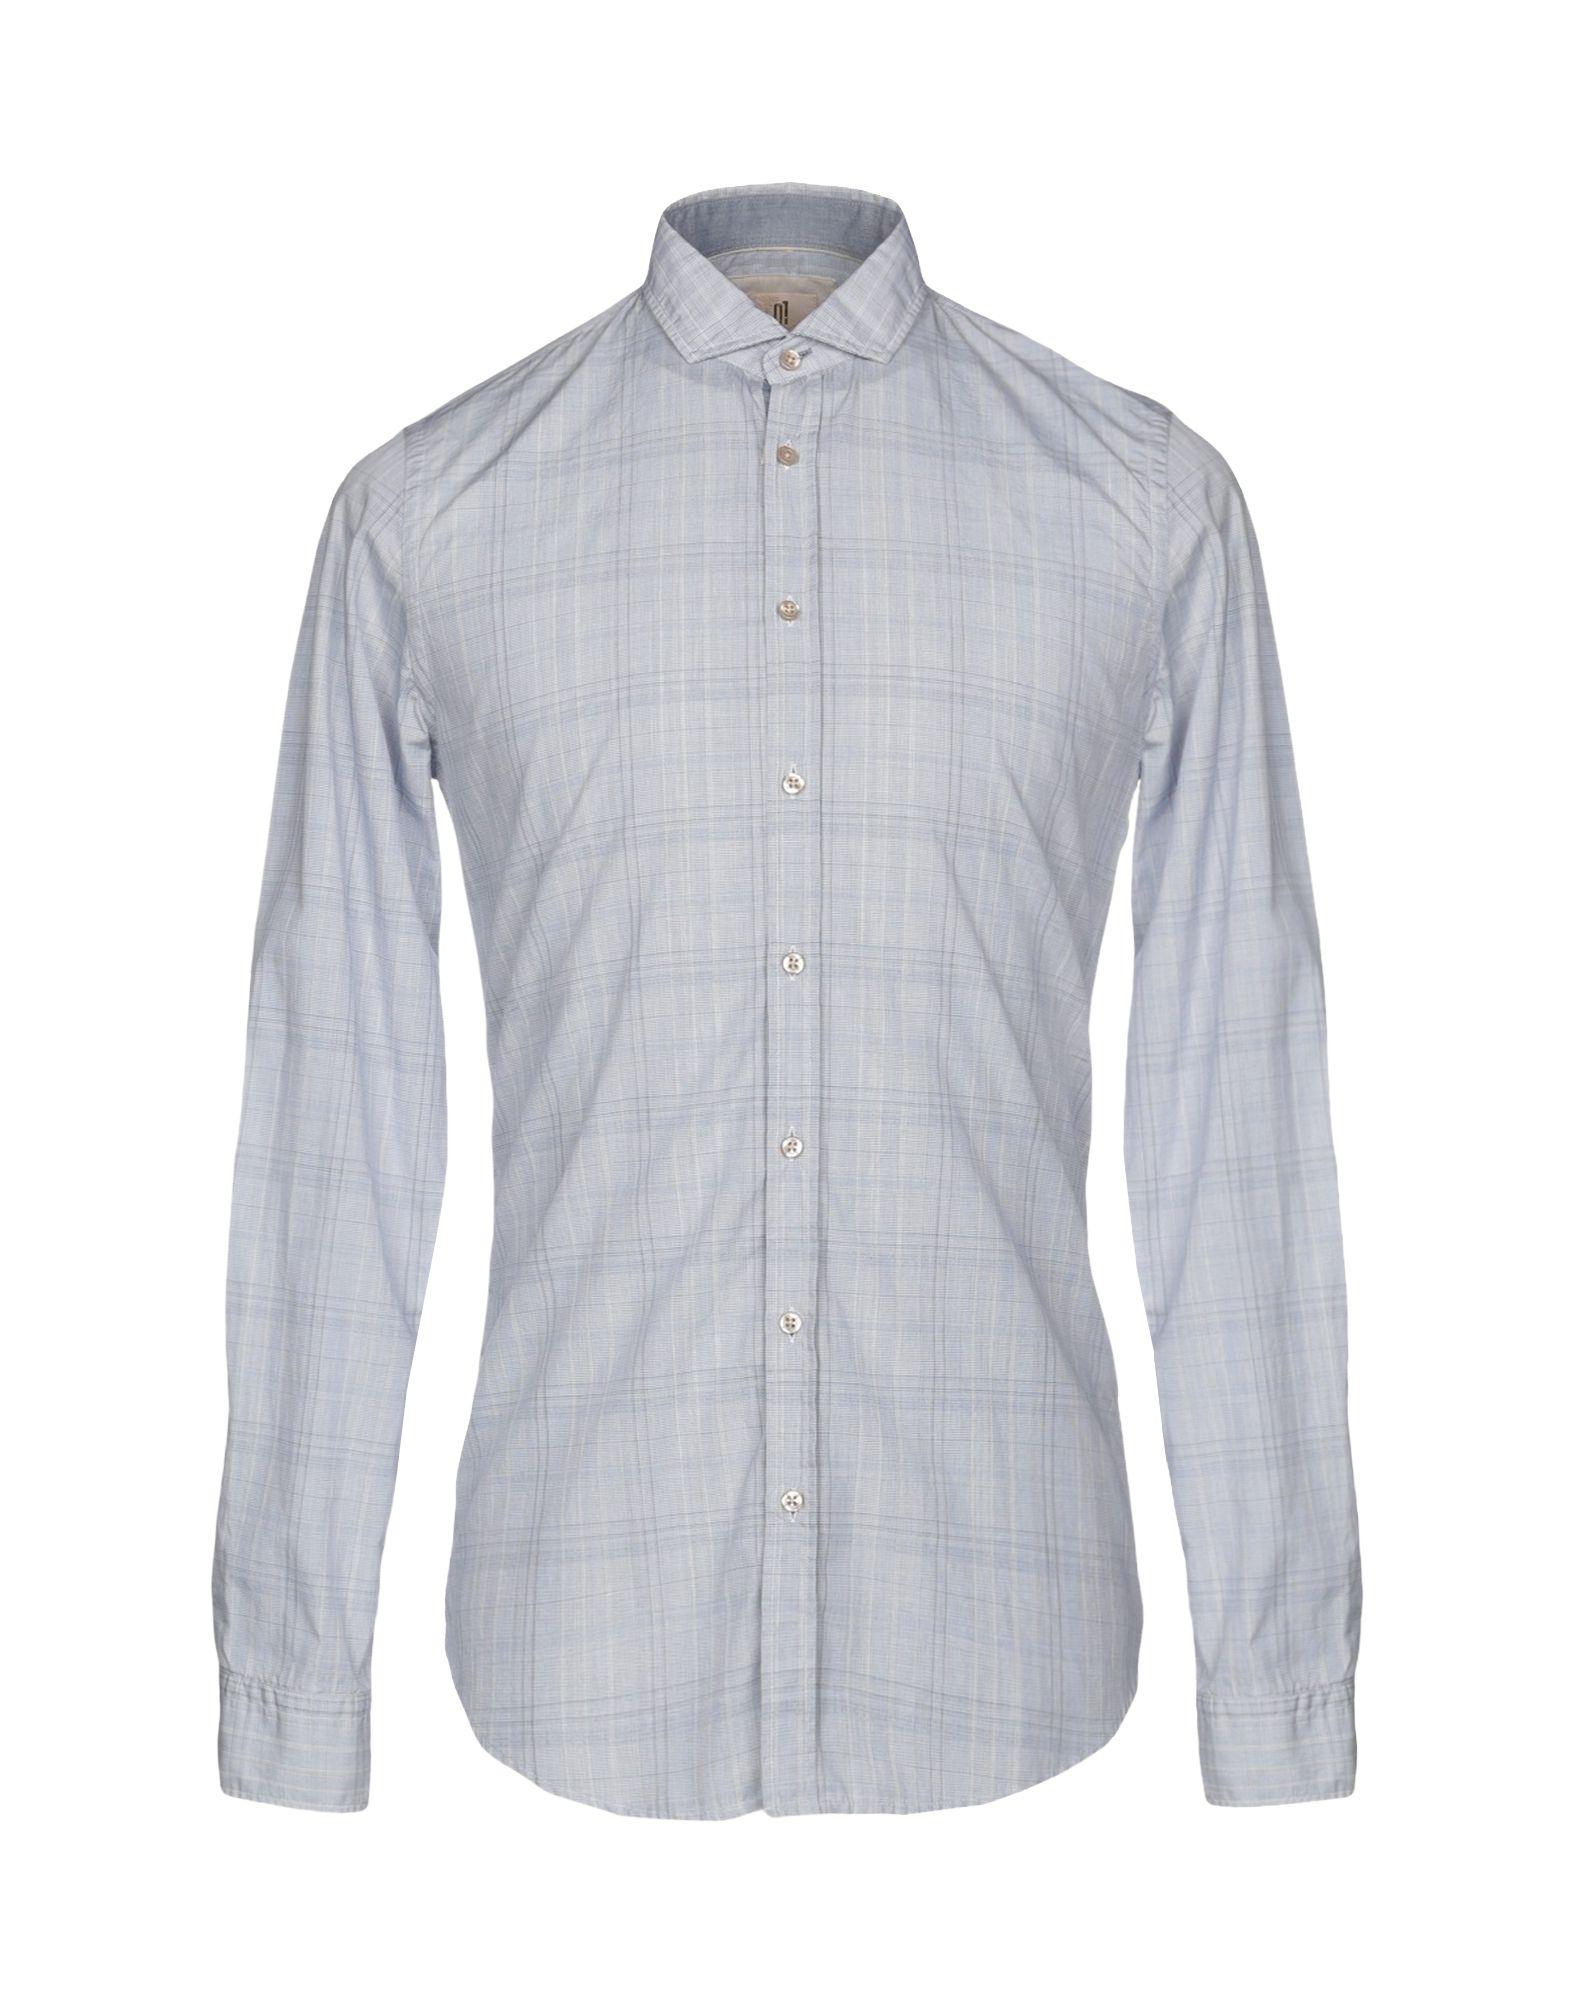 《送料無料》Q1 メンズ シャツ ブルーグレー 38 コットン 100%